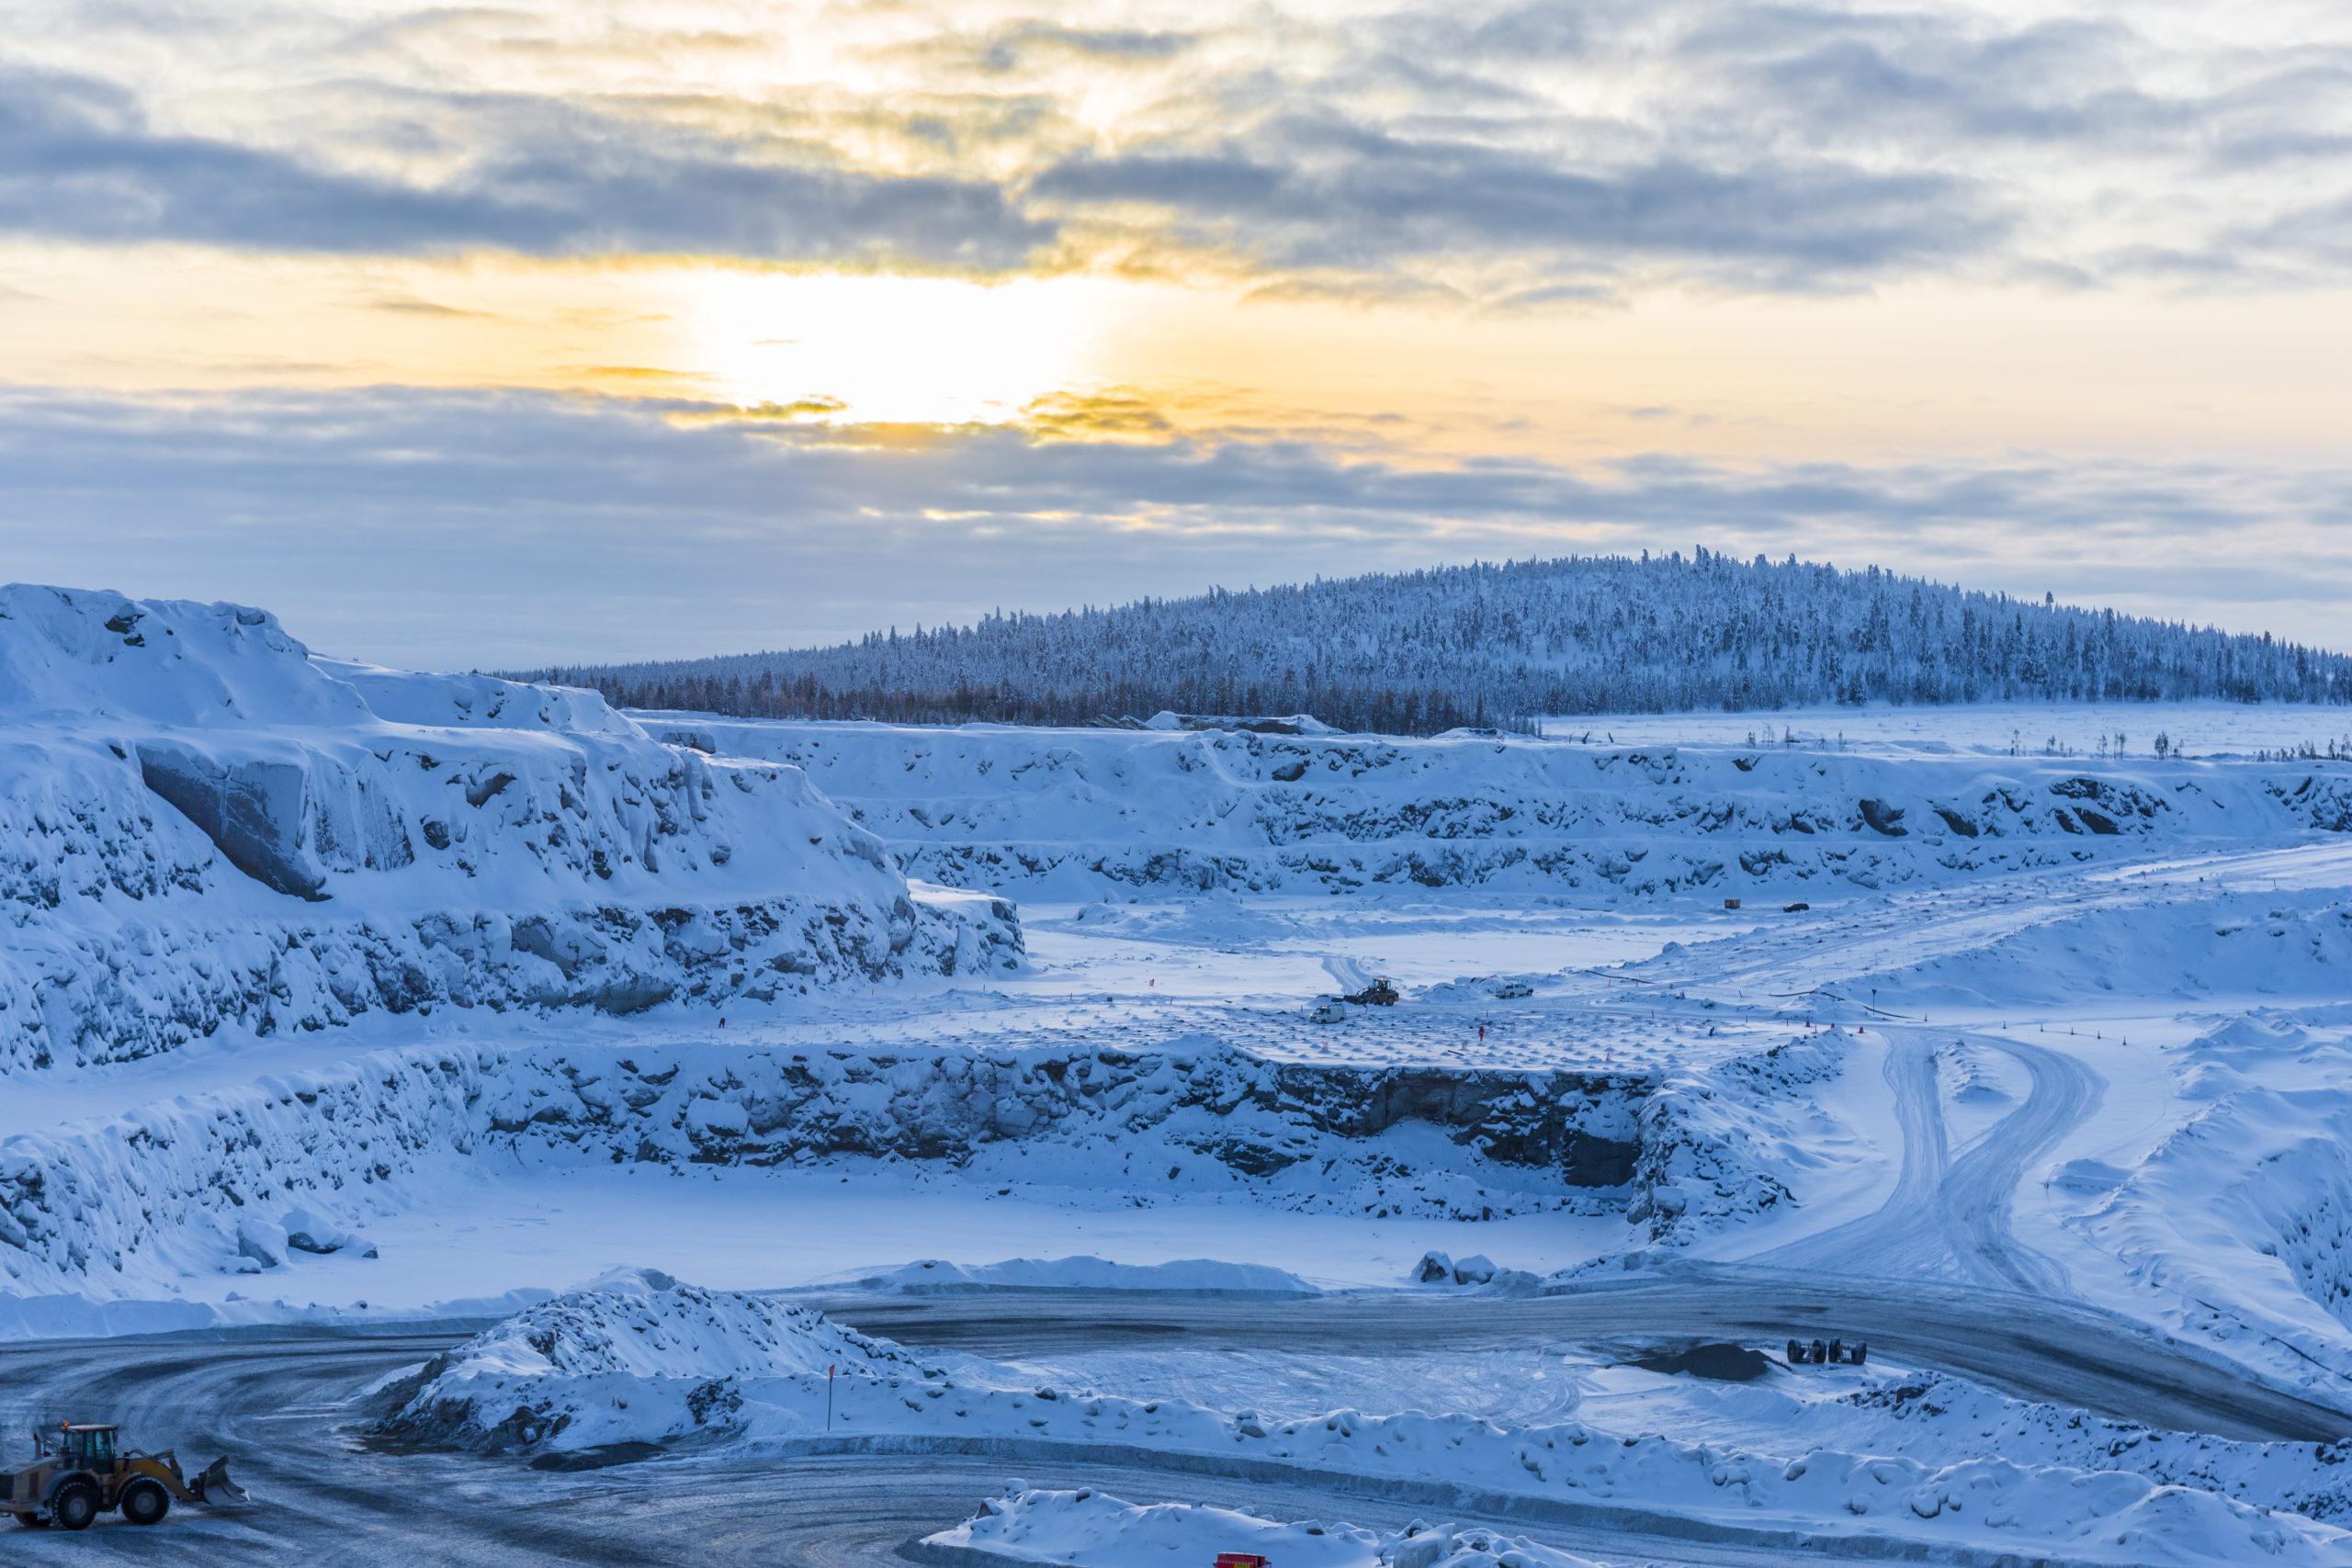 Boliden Kevitsan kaivoksen avolouhos talvisessa iltavalaistuksessa.